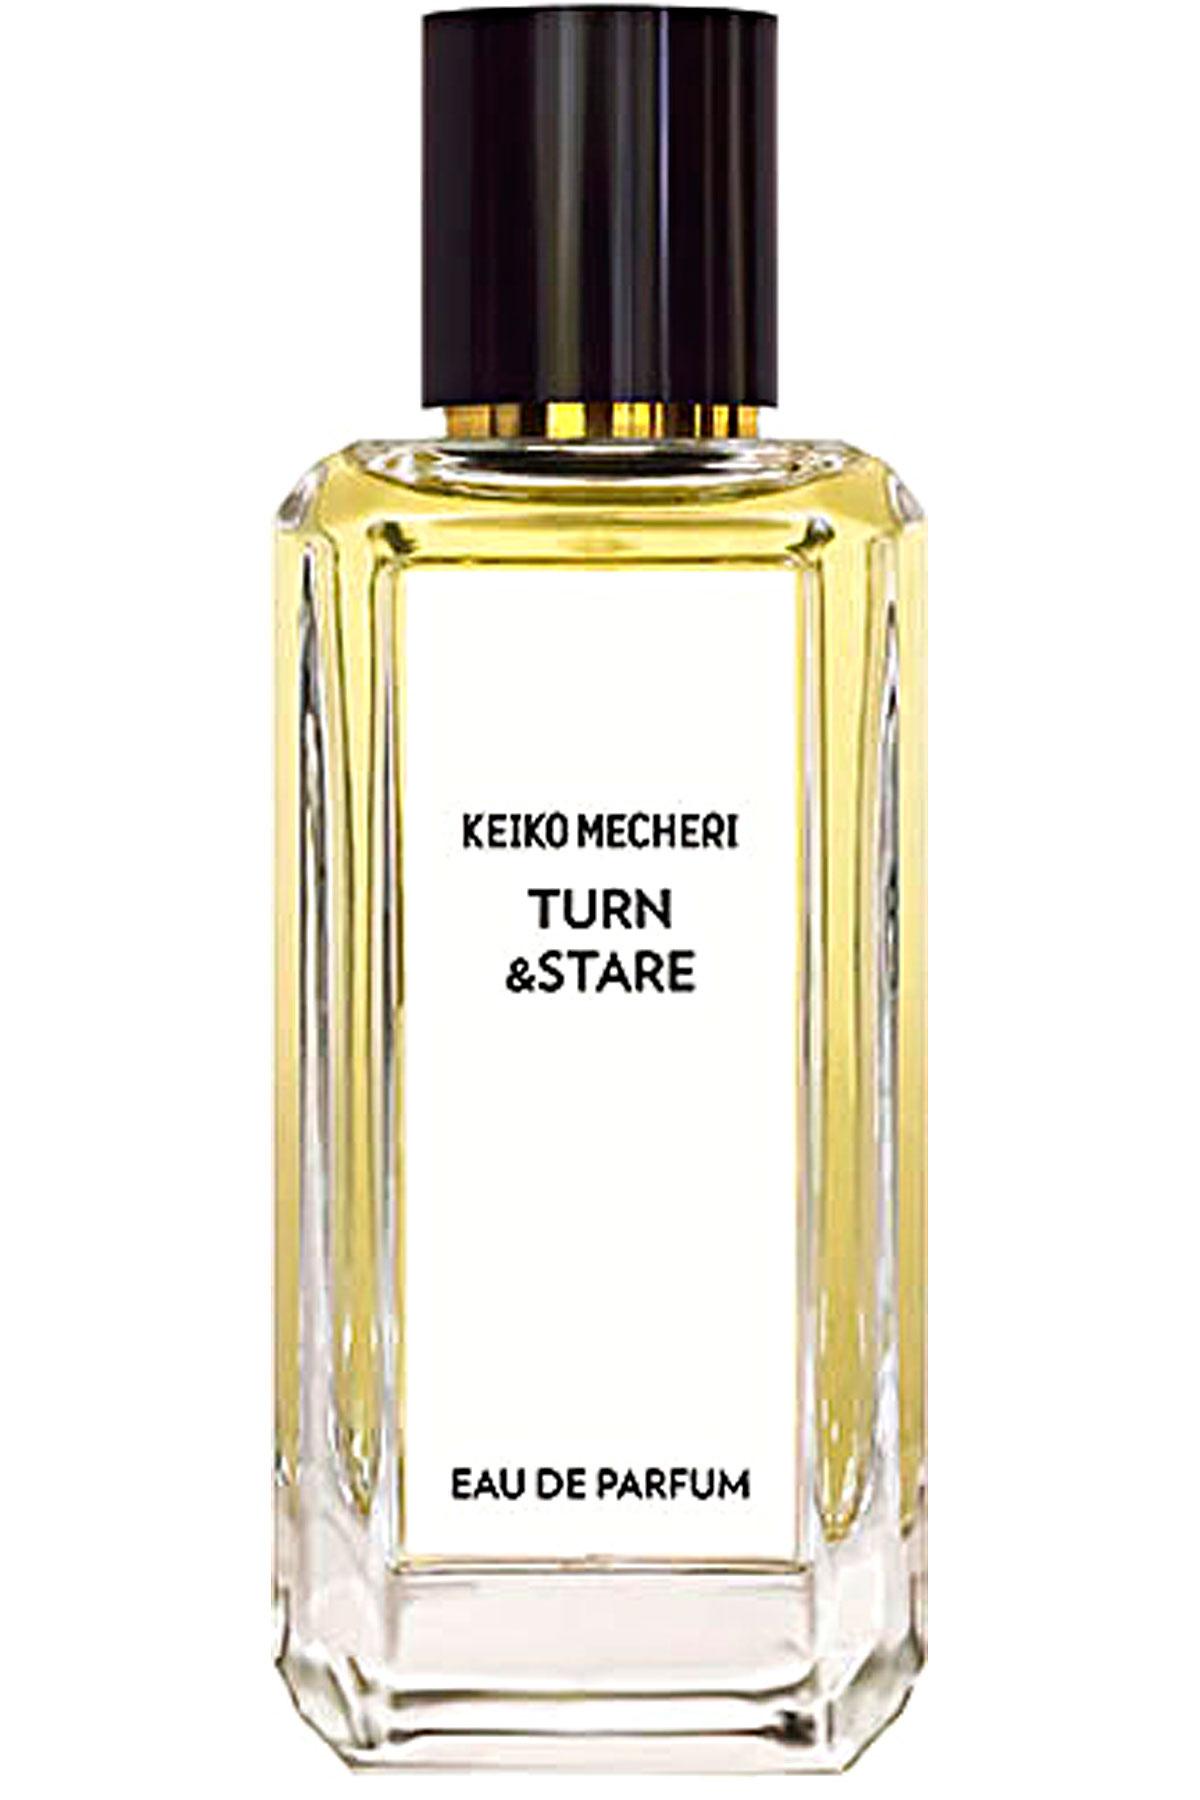 Keiko Mecheri Fragrances for Men, Turn & Stare - Eau De Parfum - 100 Ml, 2019, 100 ml